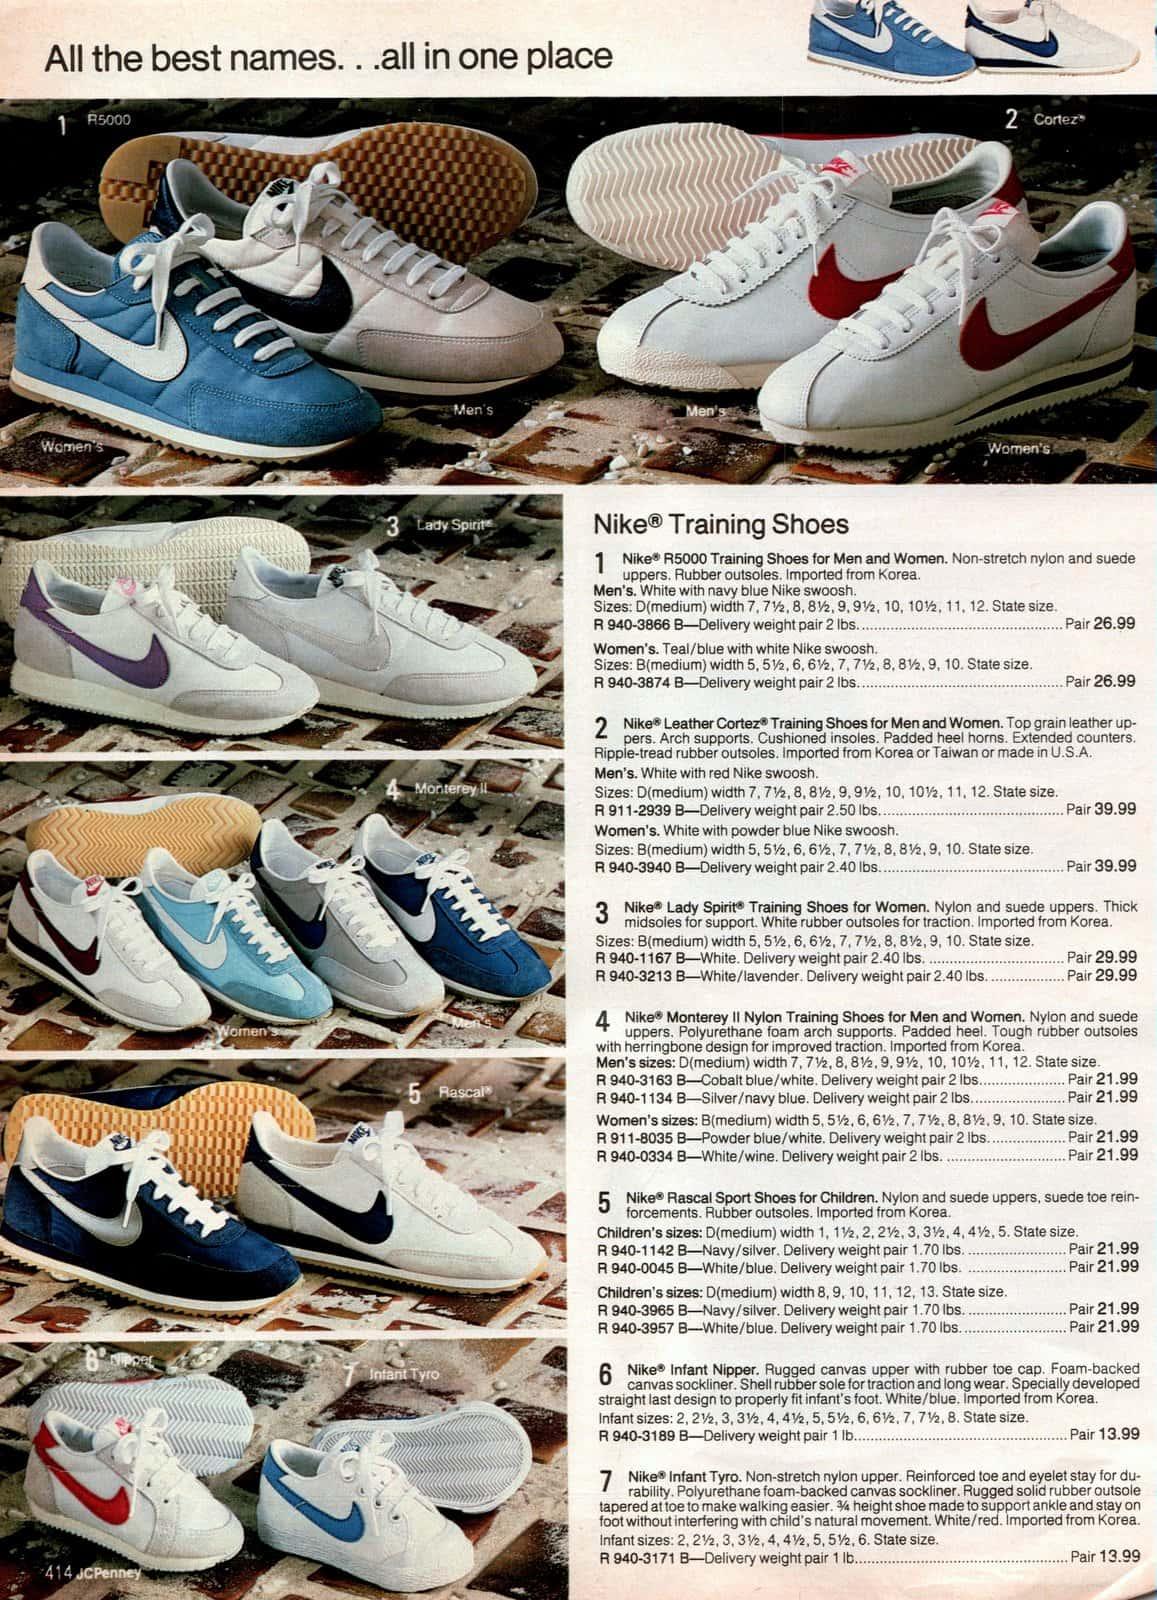 Vintage Nike training shoes (1983)